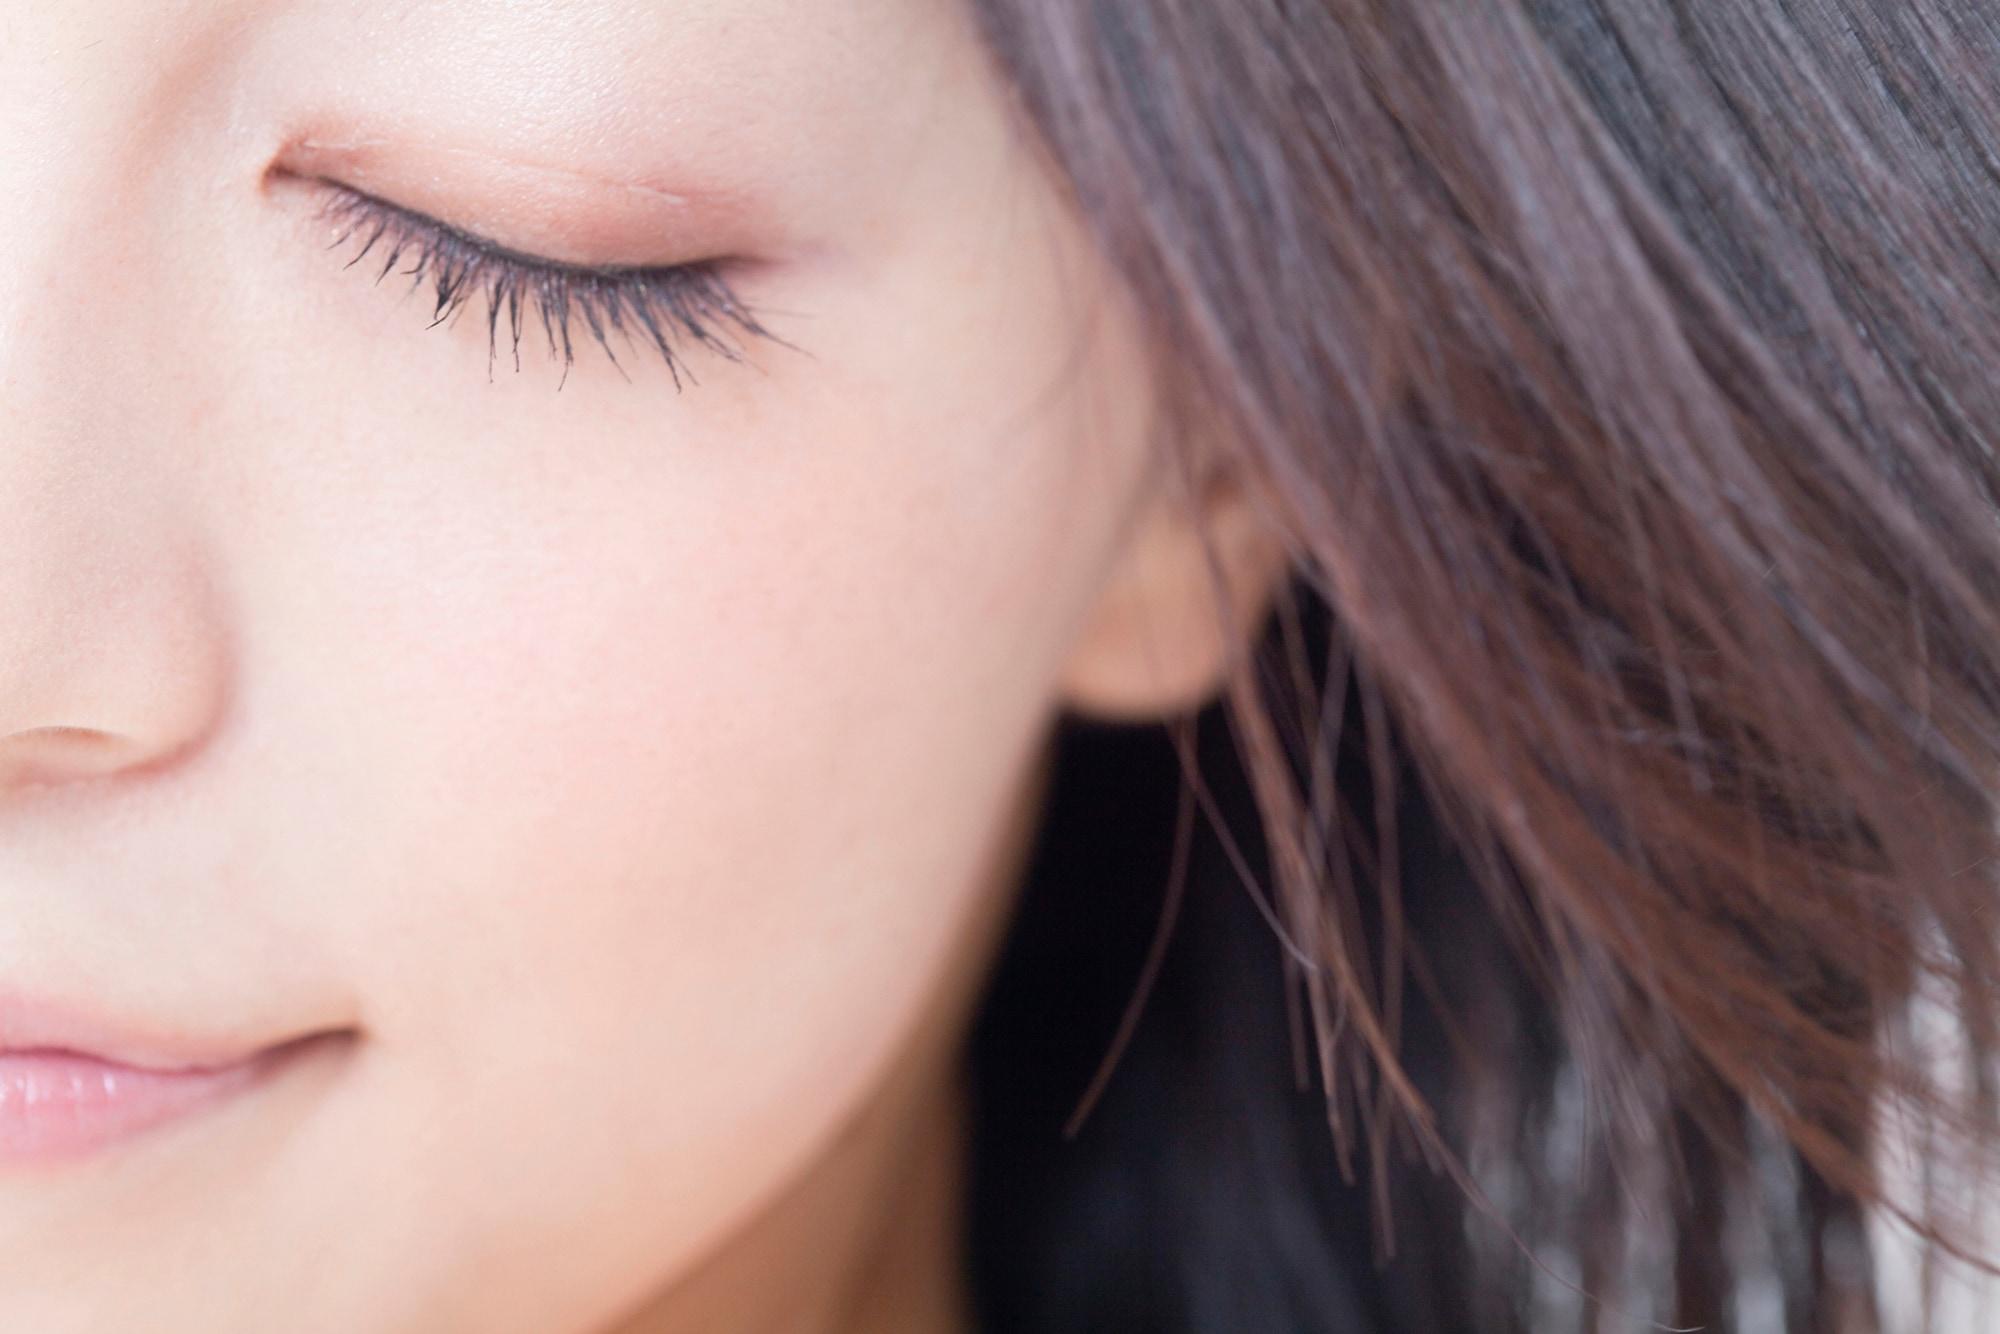 目 の むくみ を とる 方法